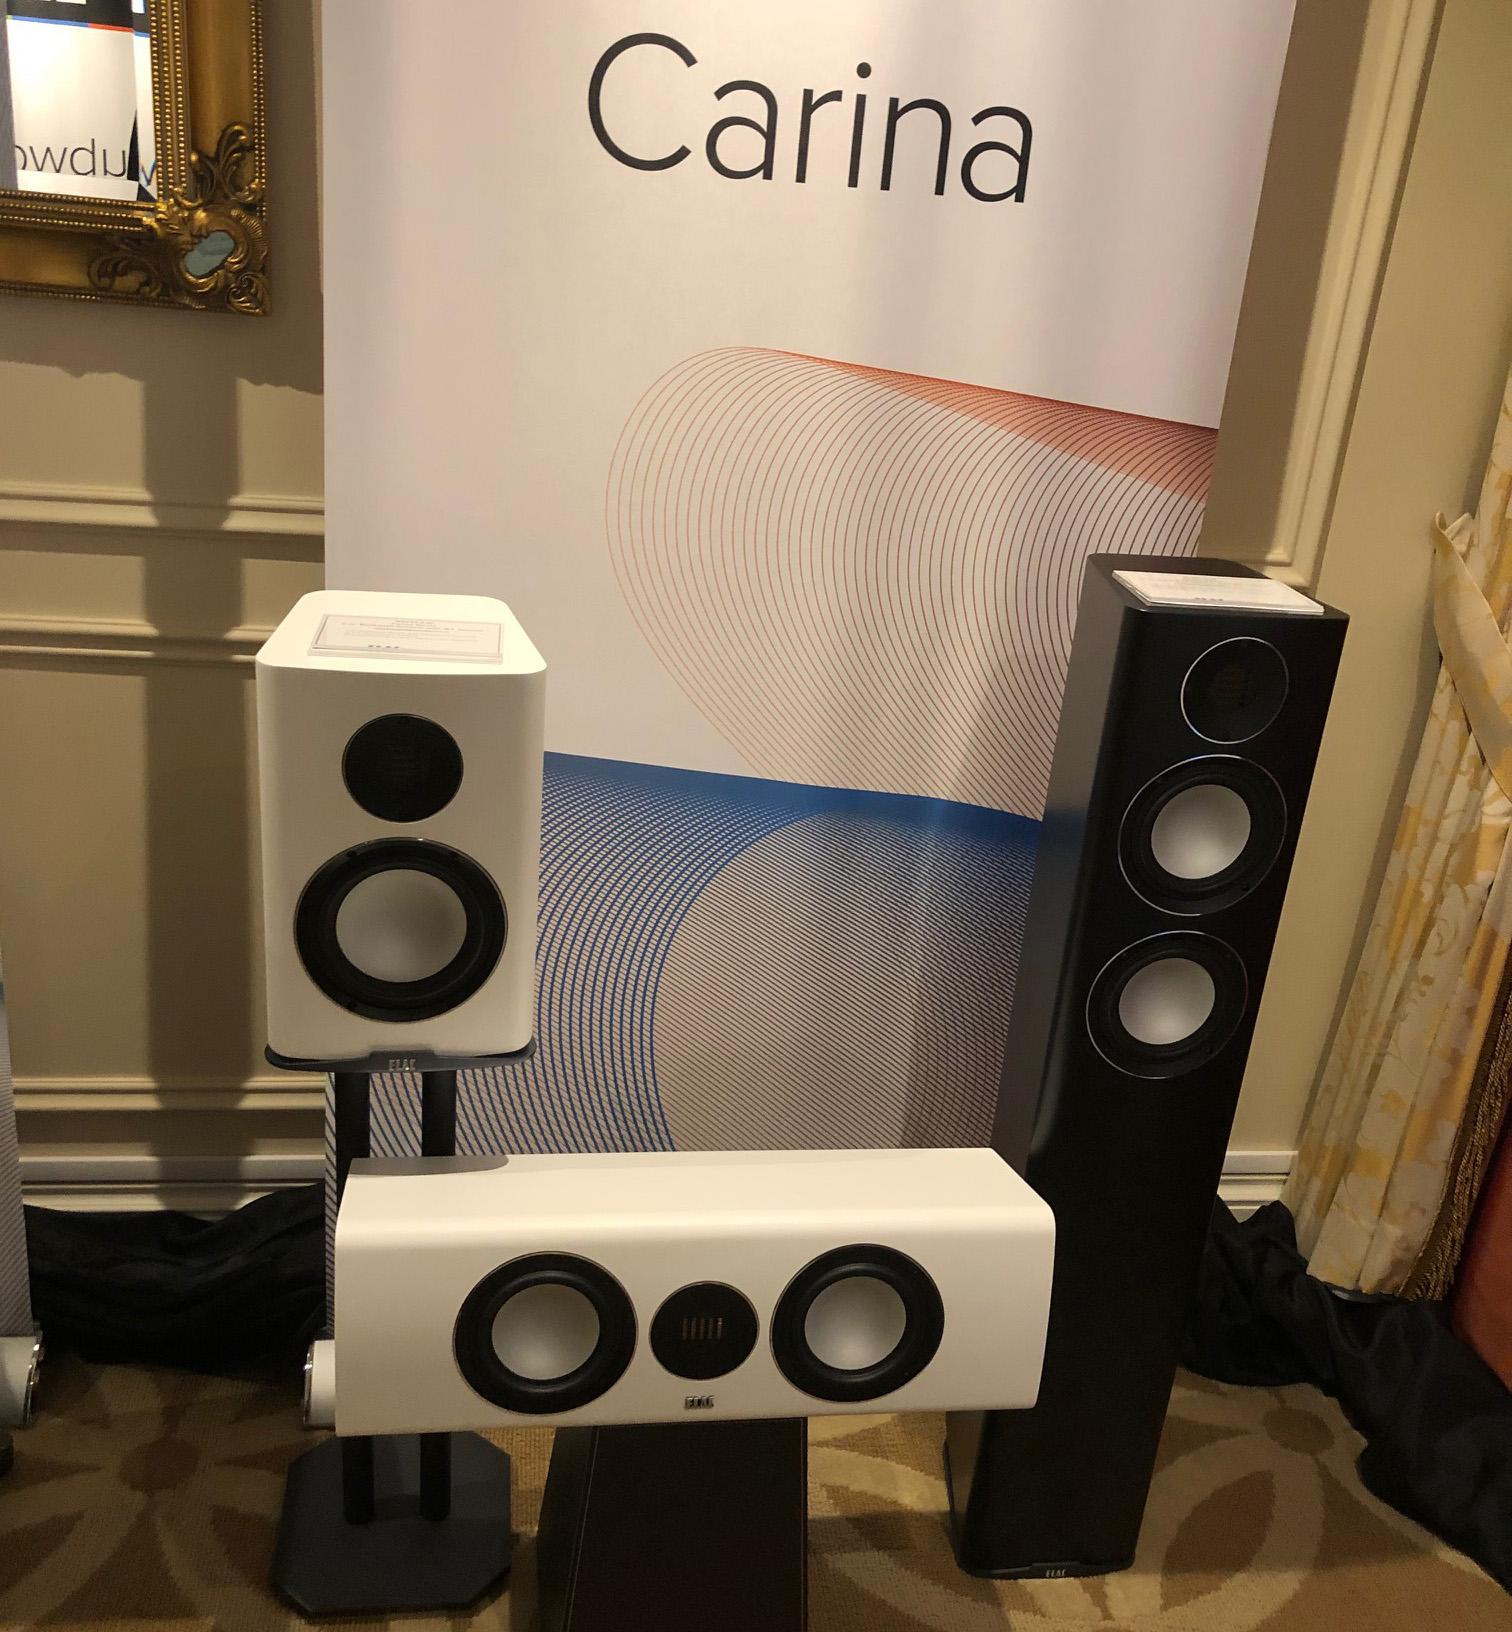 Полочник ELAC Carina BS 243.4 получает награду AVS Forum «Best of CES 2019»